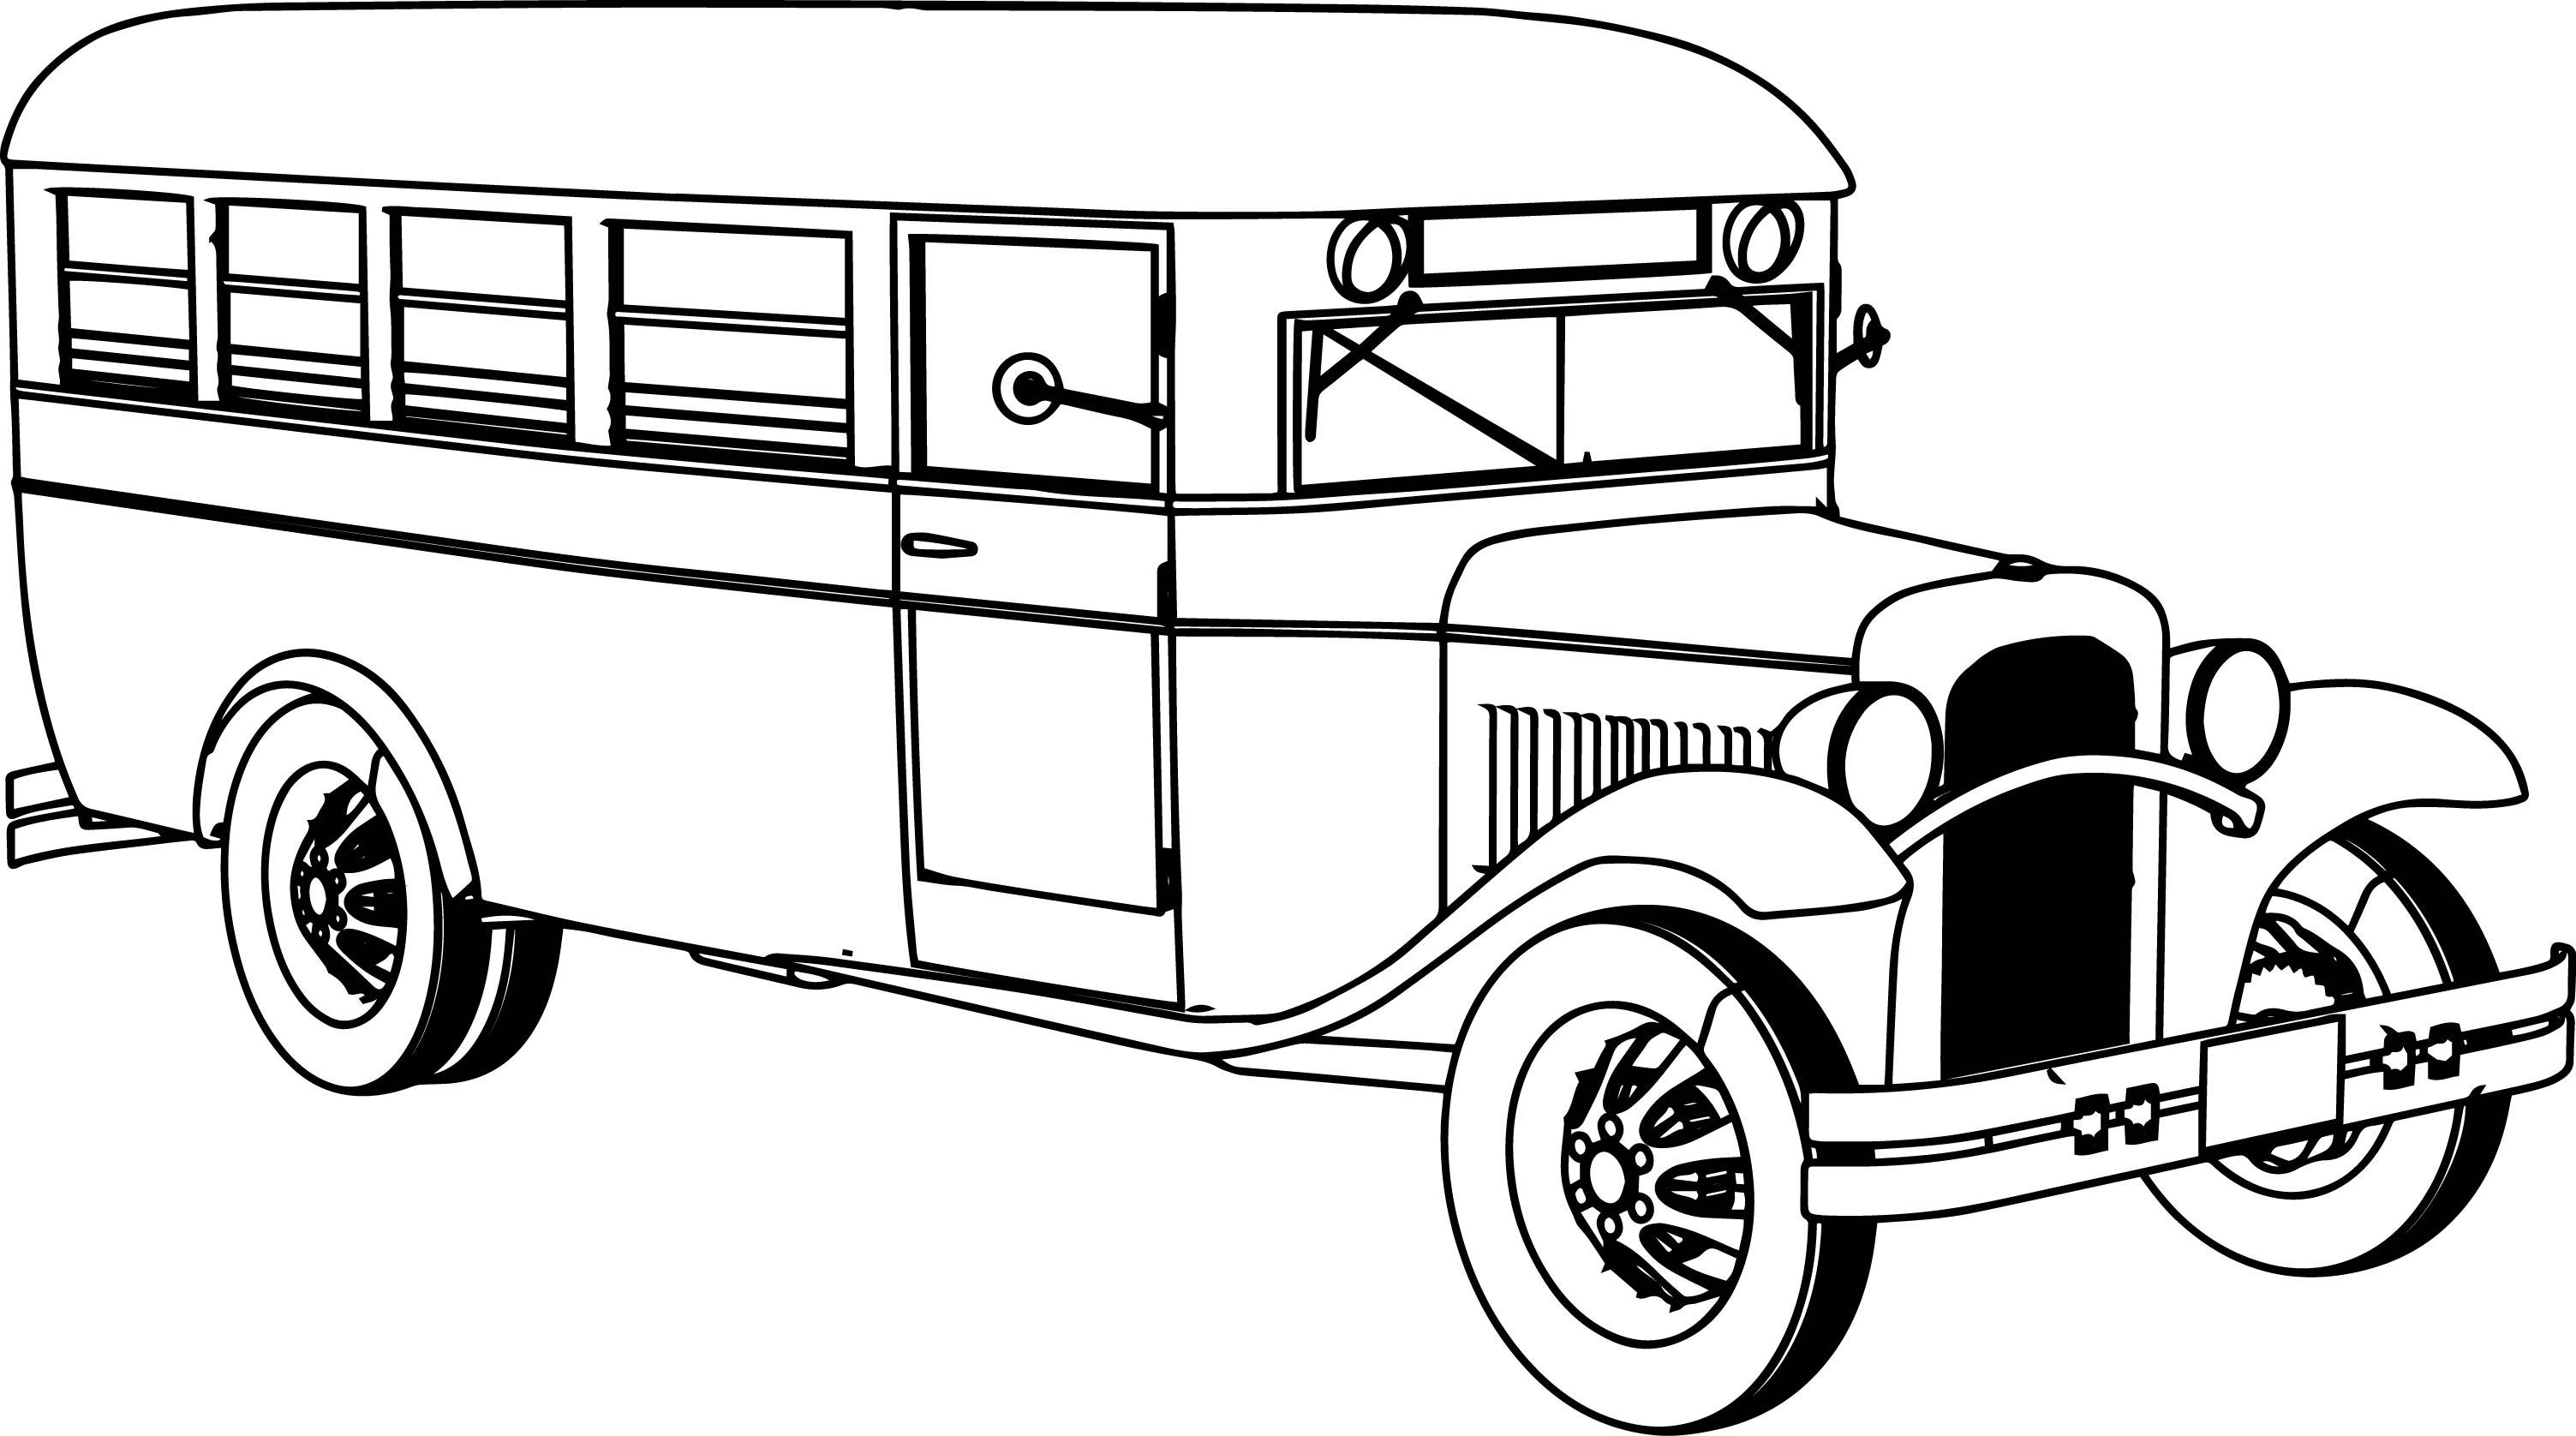 School Bus Coloring Page Magic School Bus Coloring Page Free Download Best Magic School Bus